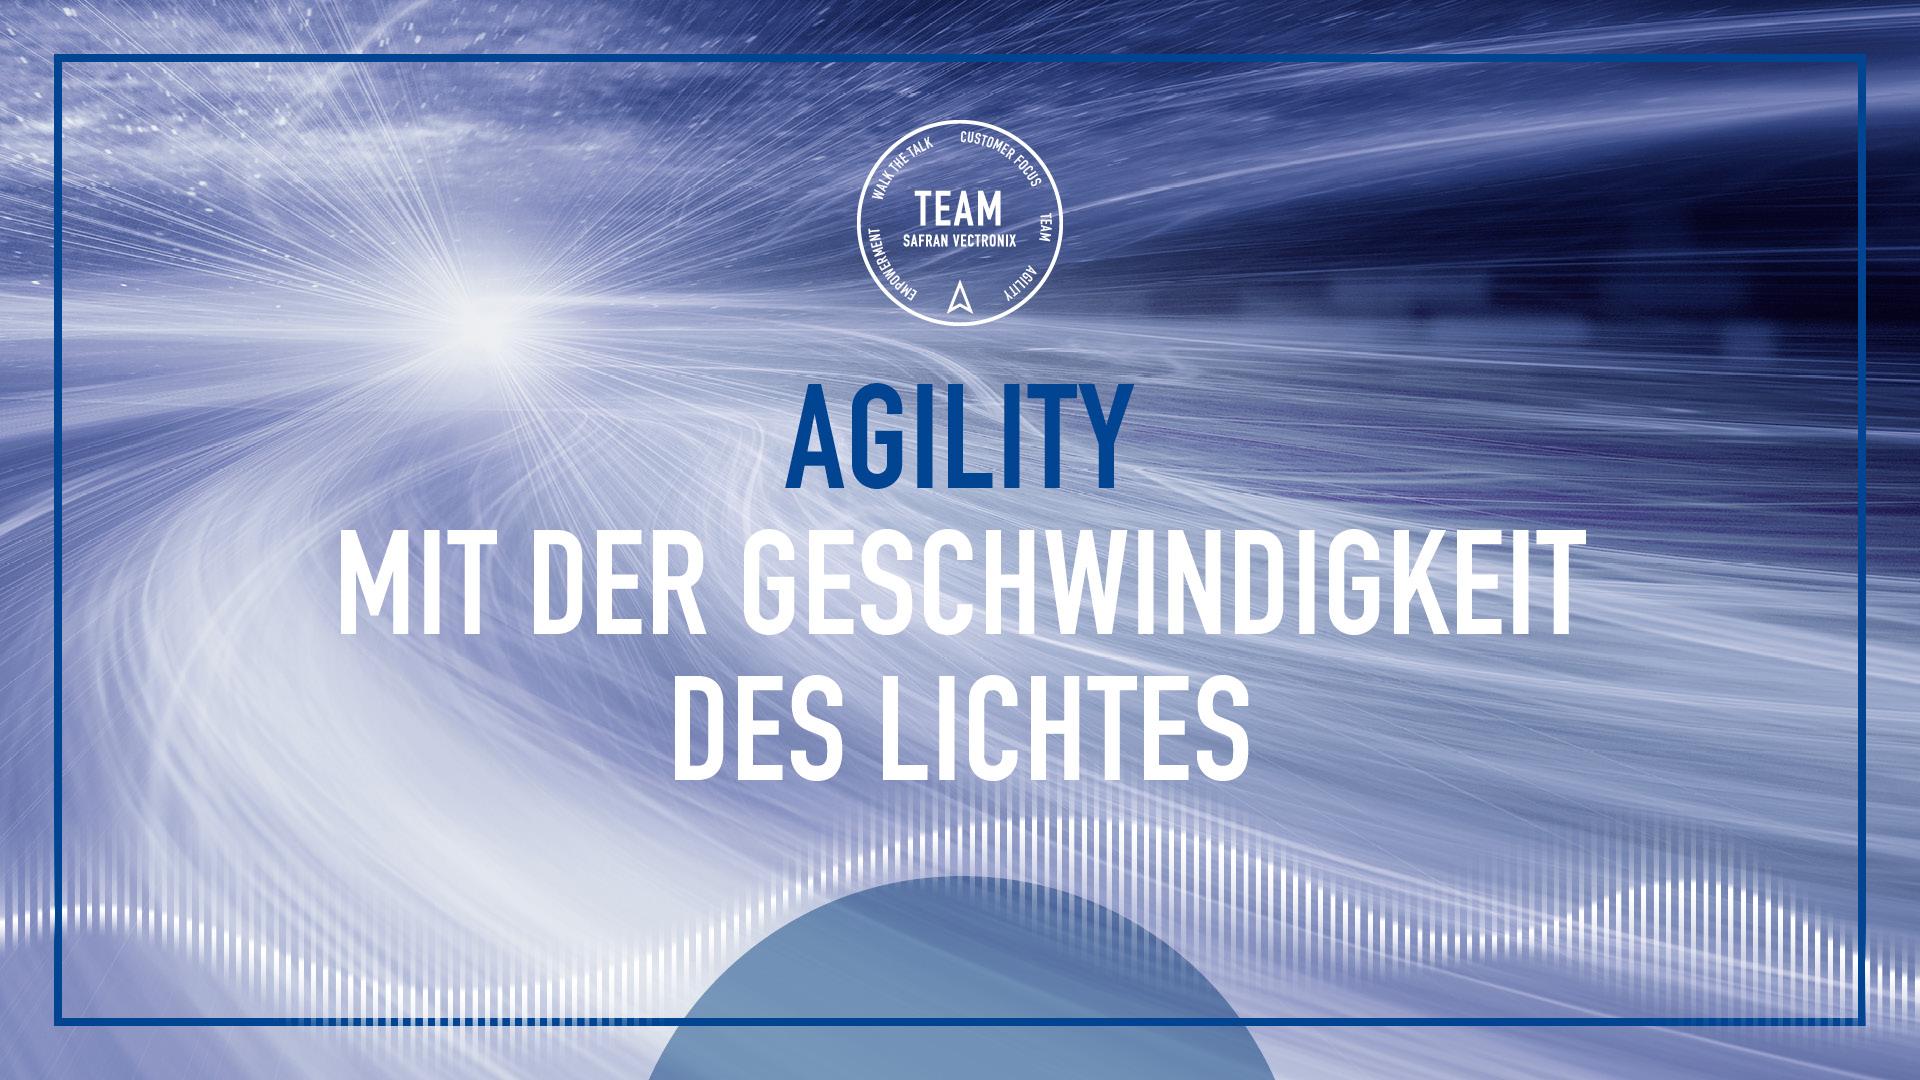 safran vectronix values agility